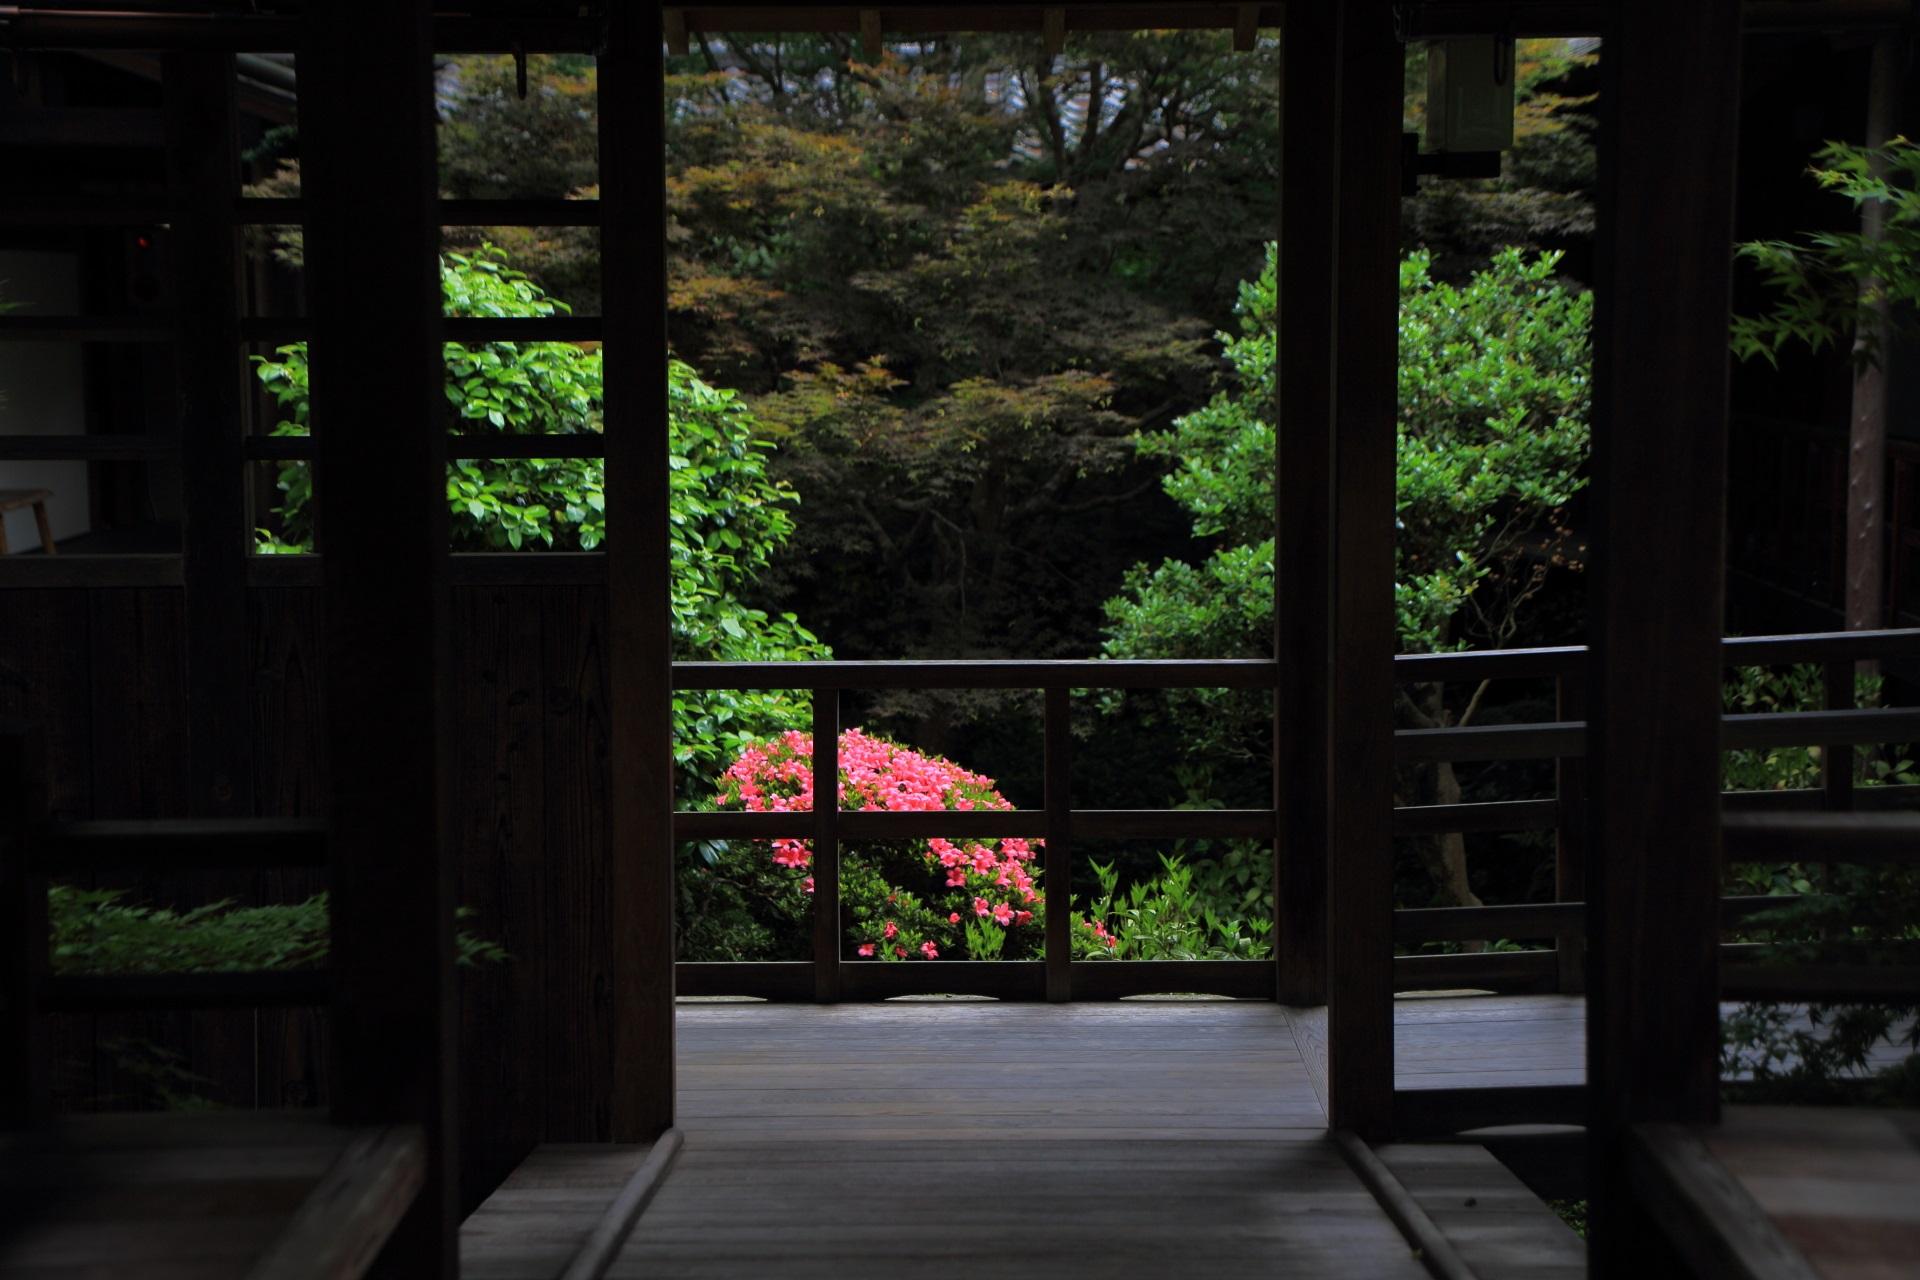 風情と華やかさを併せ持っている安楽寺の回廊から眺めるサツキ